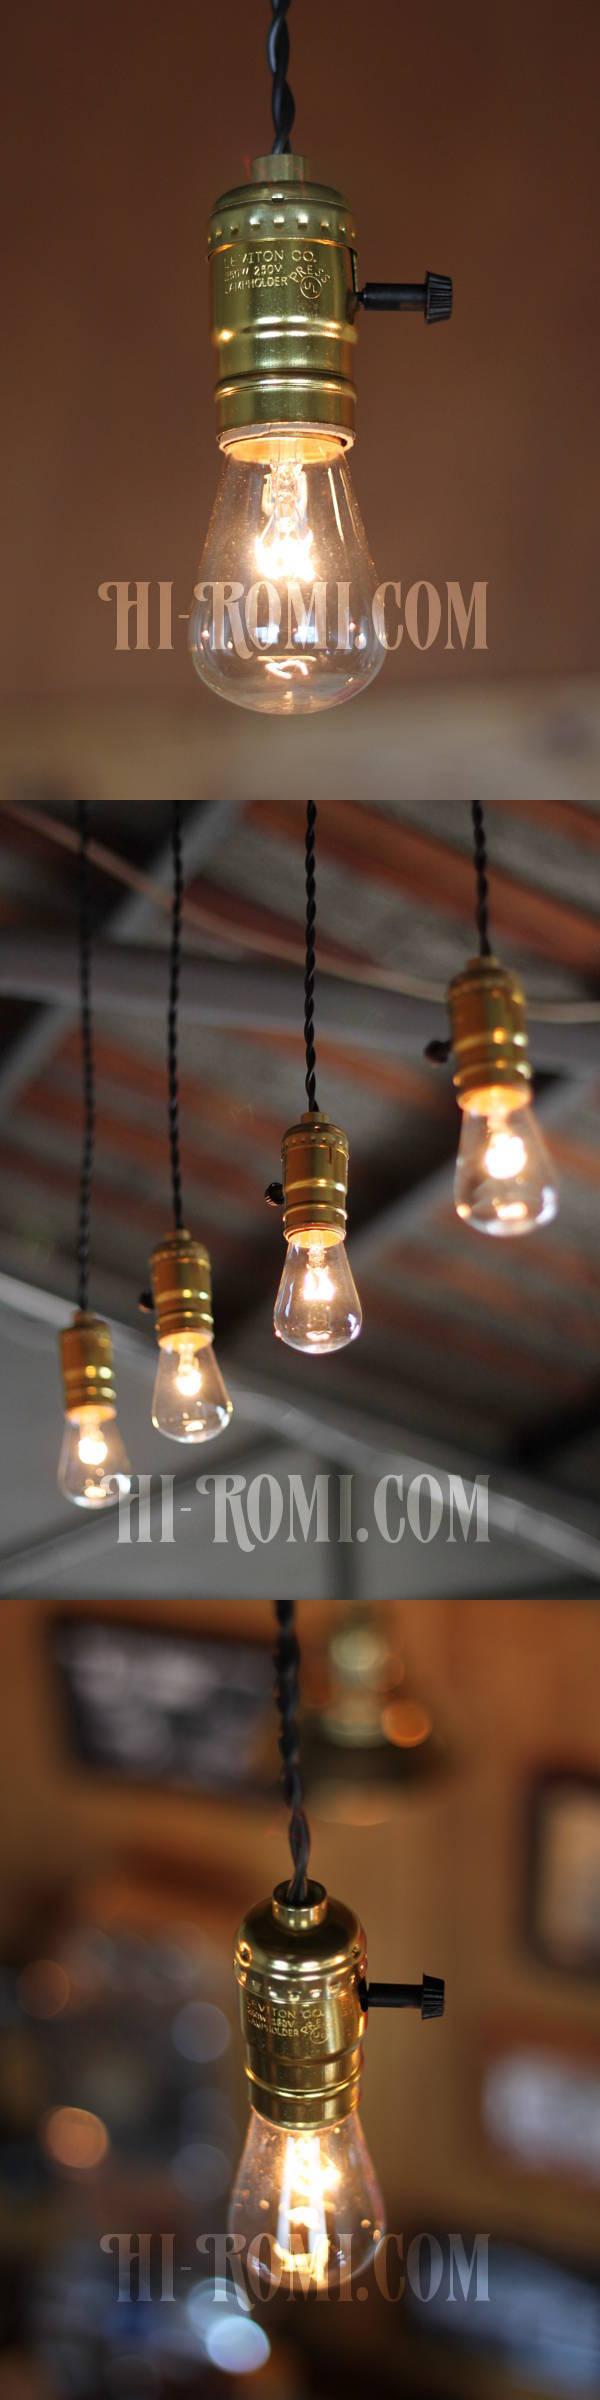 LEVITON社製ターン式アルミ製Goldソケットペンダントライト/工業系ランプ照明